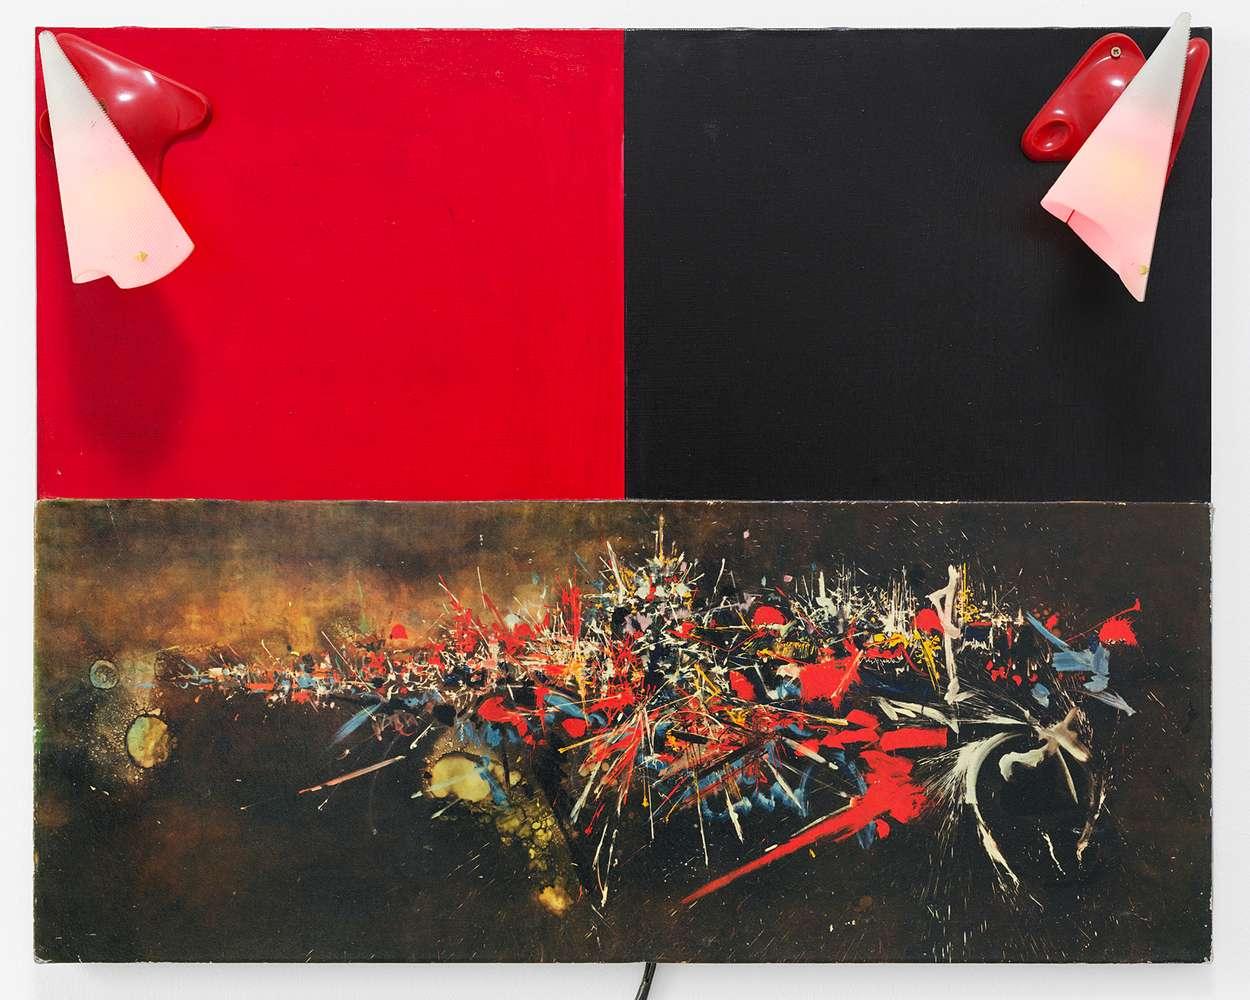 Présence Panchounette, Mathieu vu, 1980 Reproduction et acrylique sur toile, appliques73 × 92 × 24 cm / 28 6/8 × 36 2/8 × 9 1/2 in.